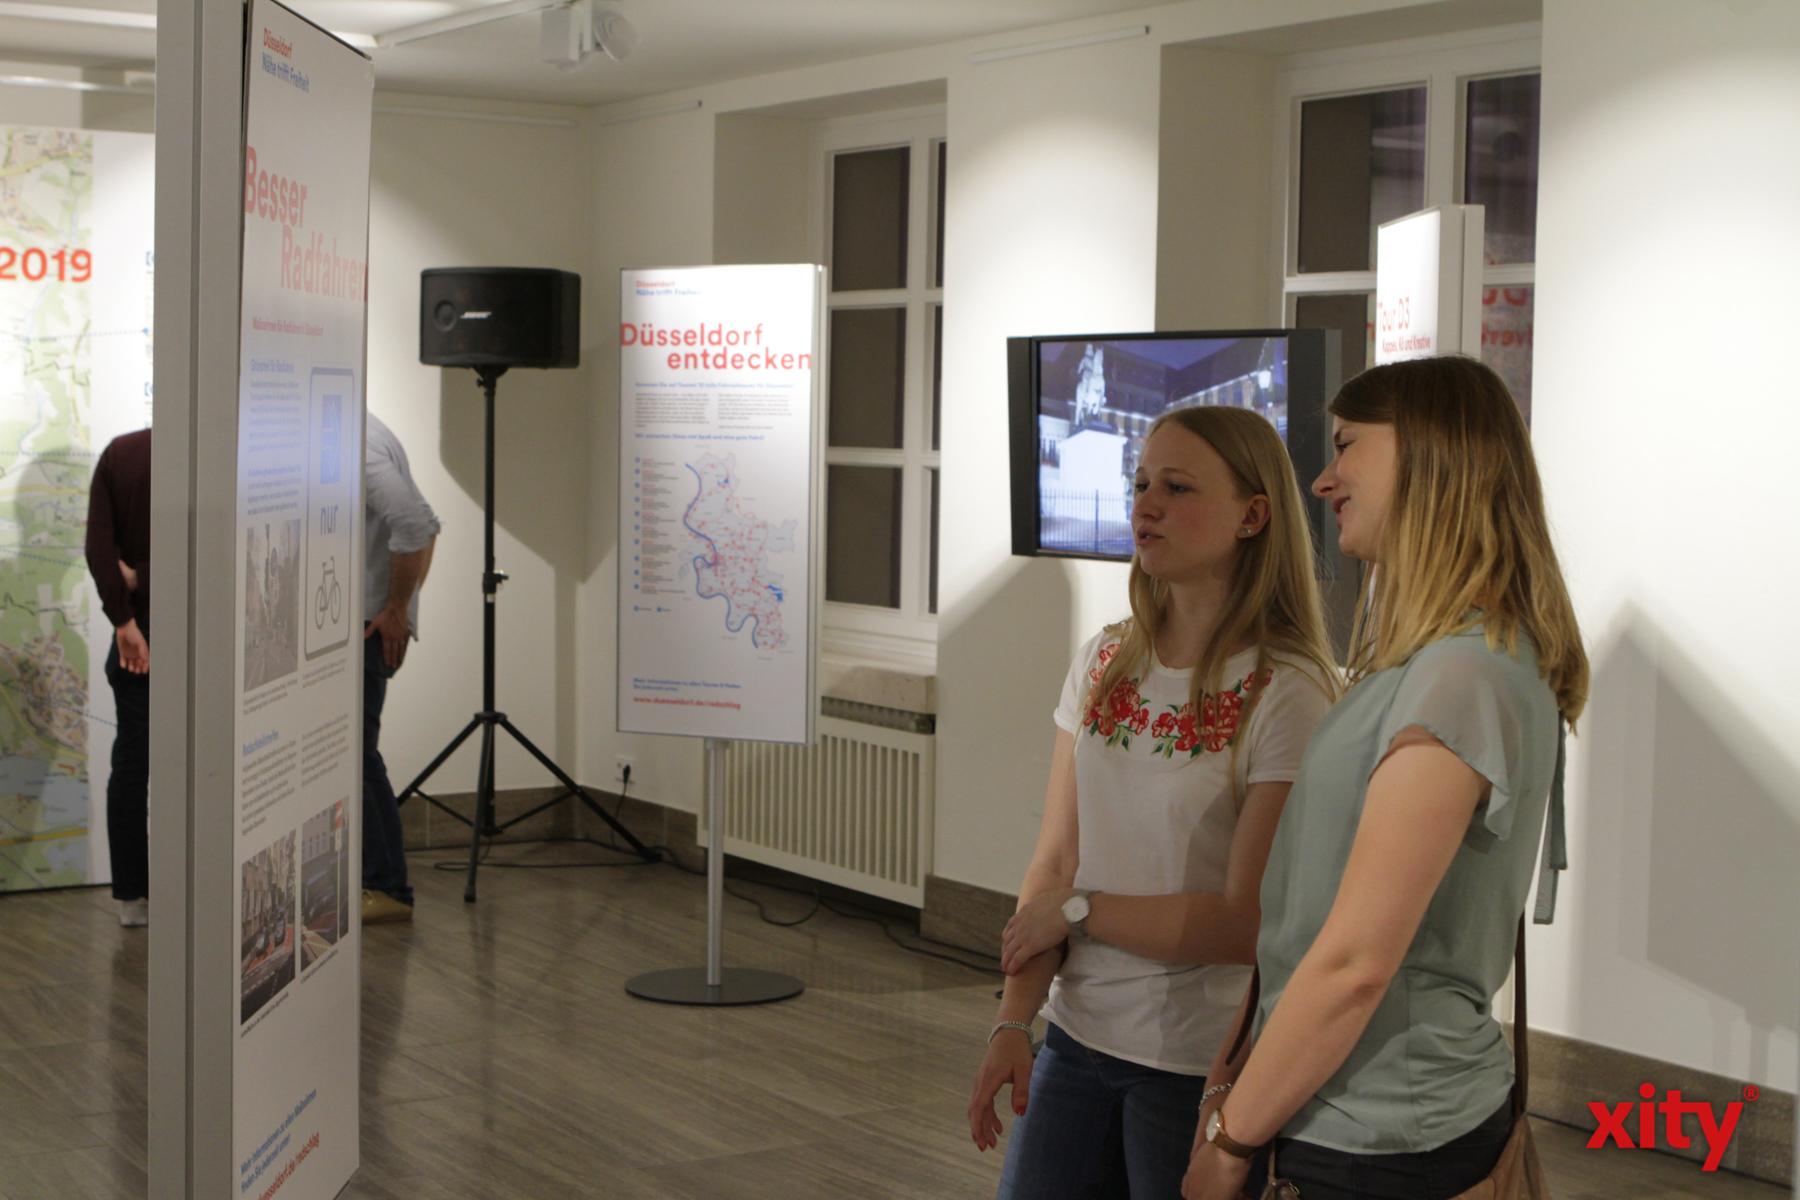 Im Rathaus werden Infos zum Ausbau des Radnetzes vorgestellt  (Foto: xity)